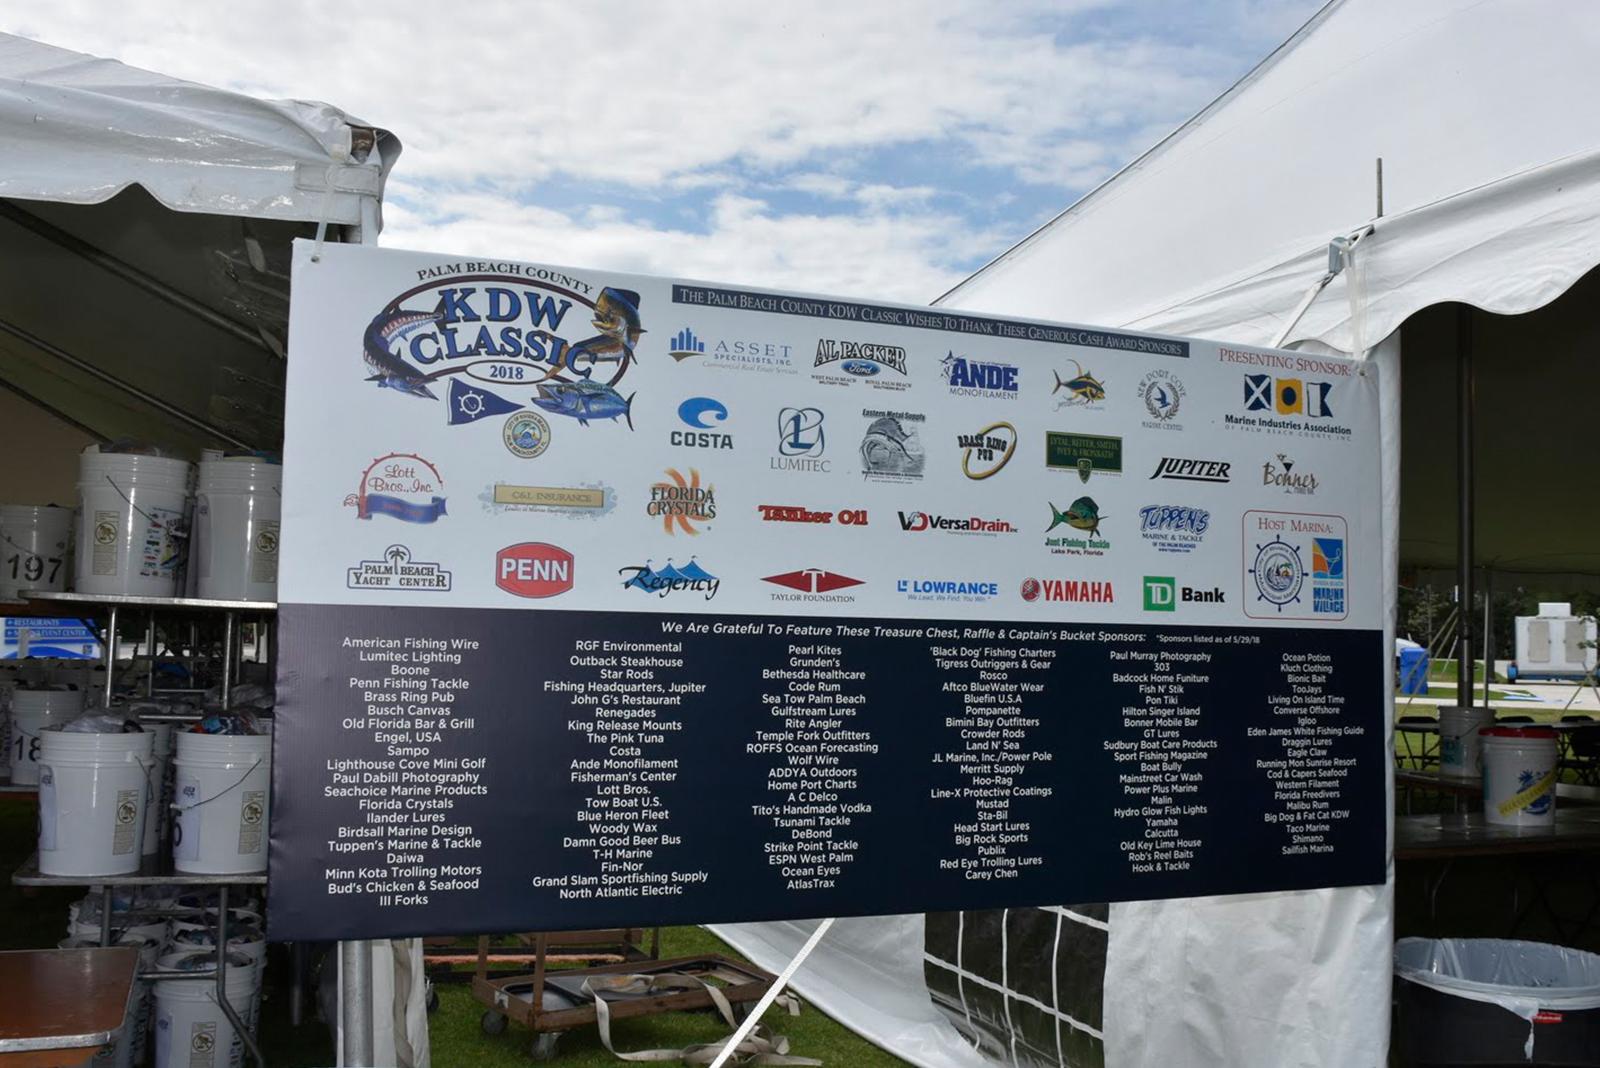 Fishing Sponsor board